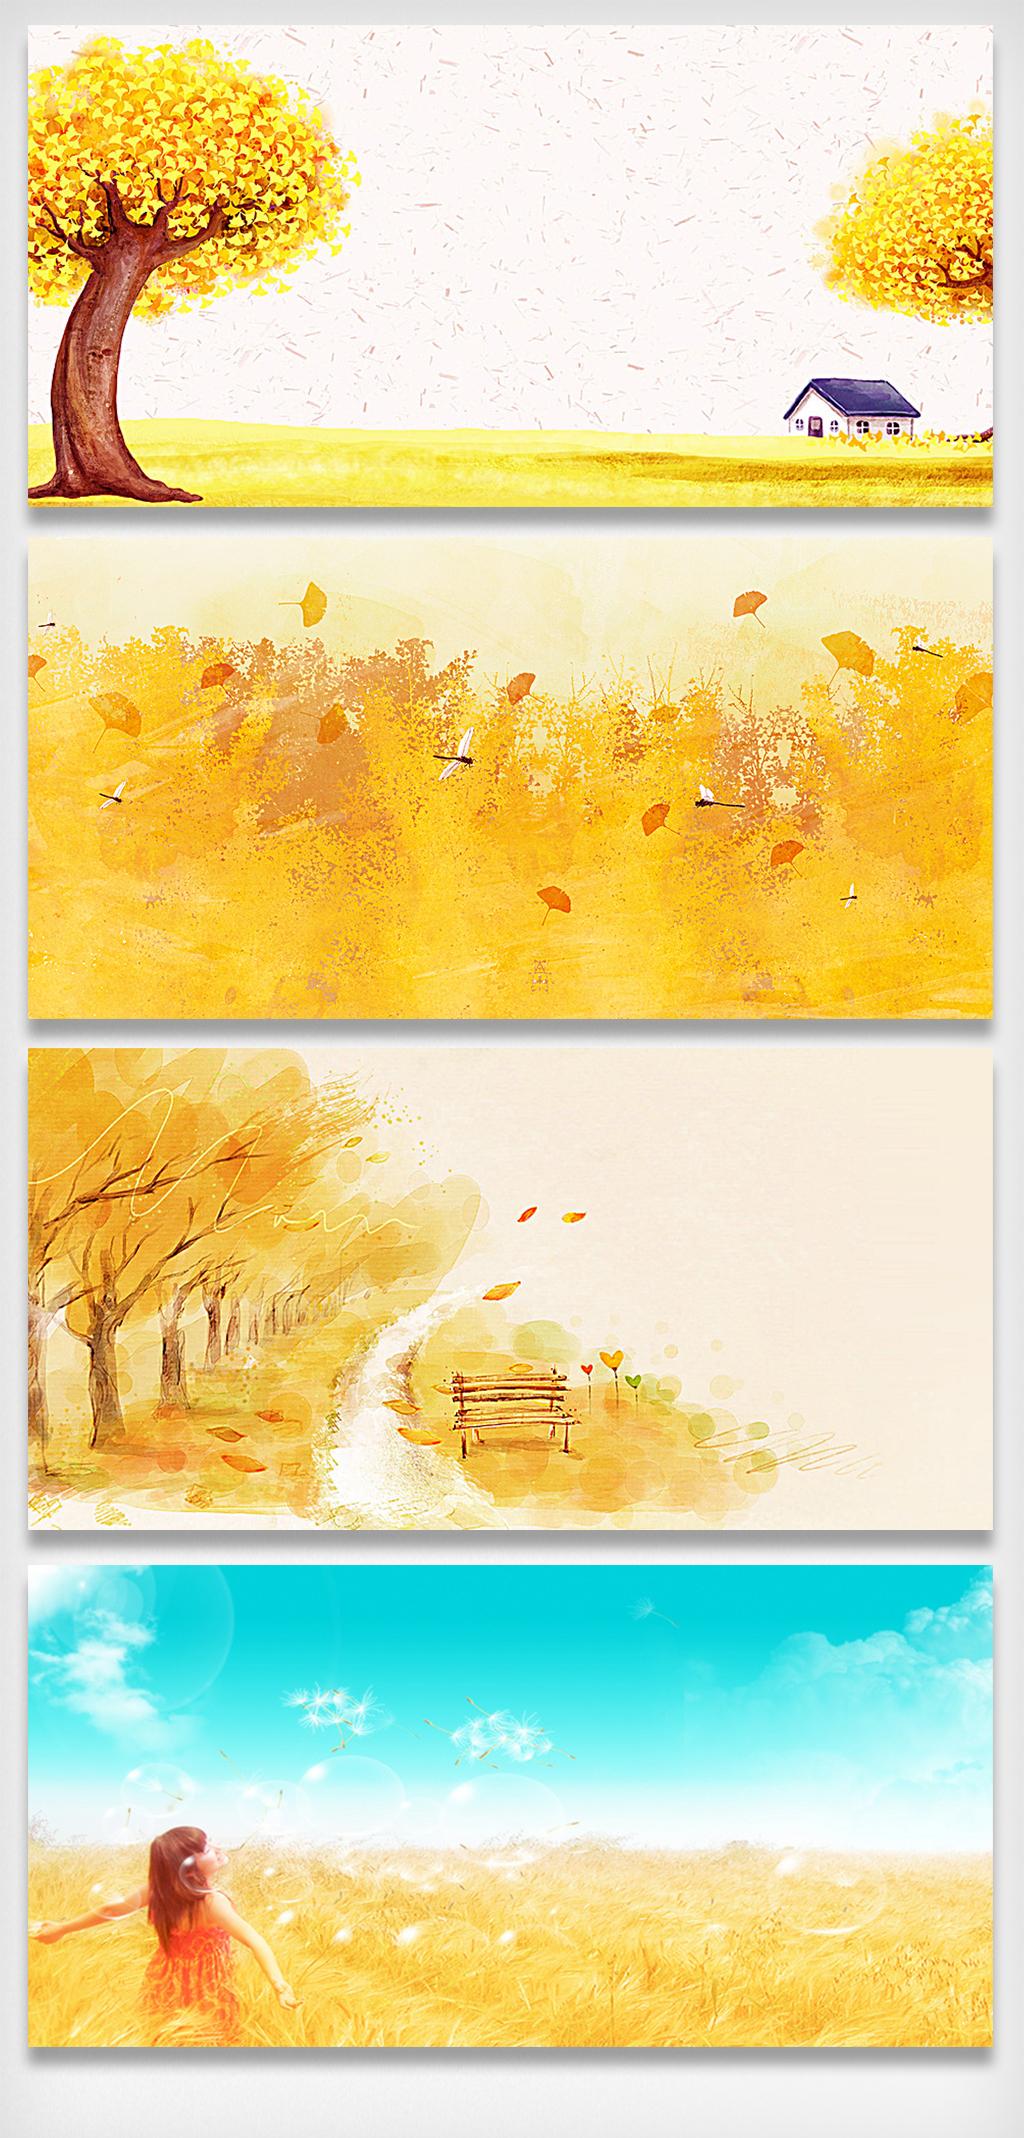 简约秋季手绘暖色背景素材